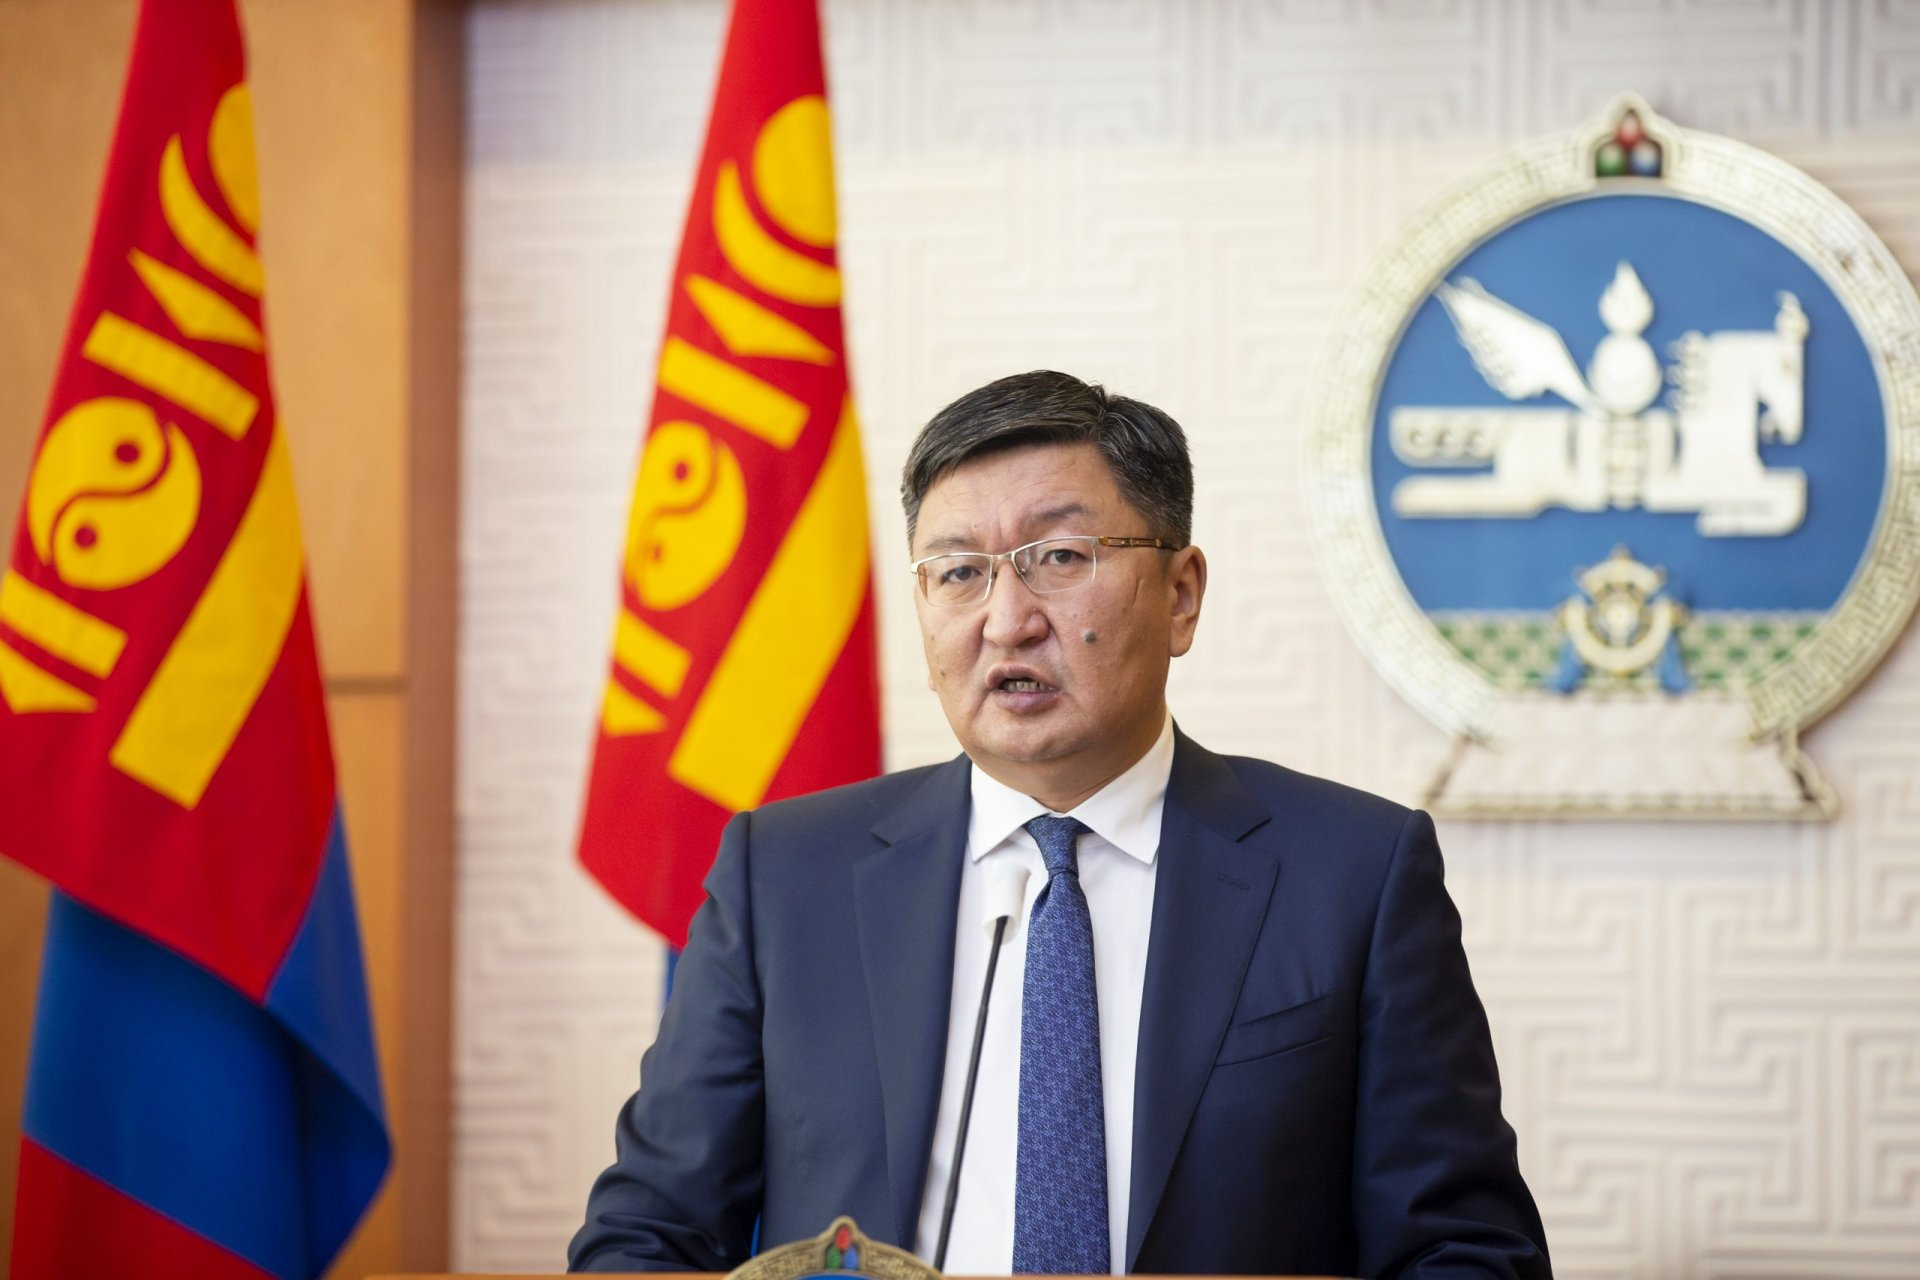 Монгол Улсын Ерөнхийлөгч шүүх эрх мэдлийн шинэтгэлийг эрчимжүүлнэ